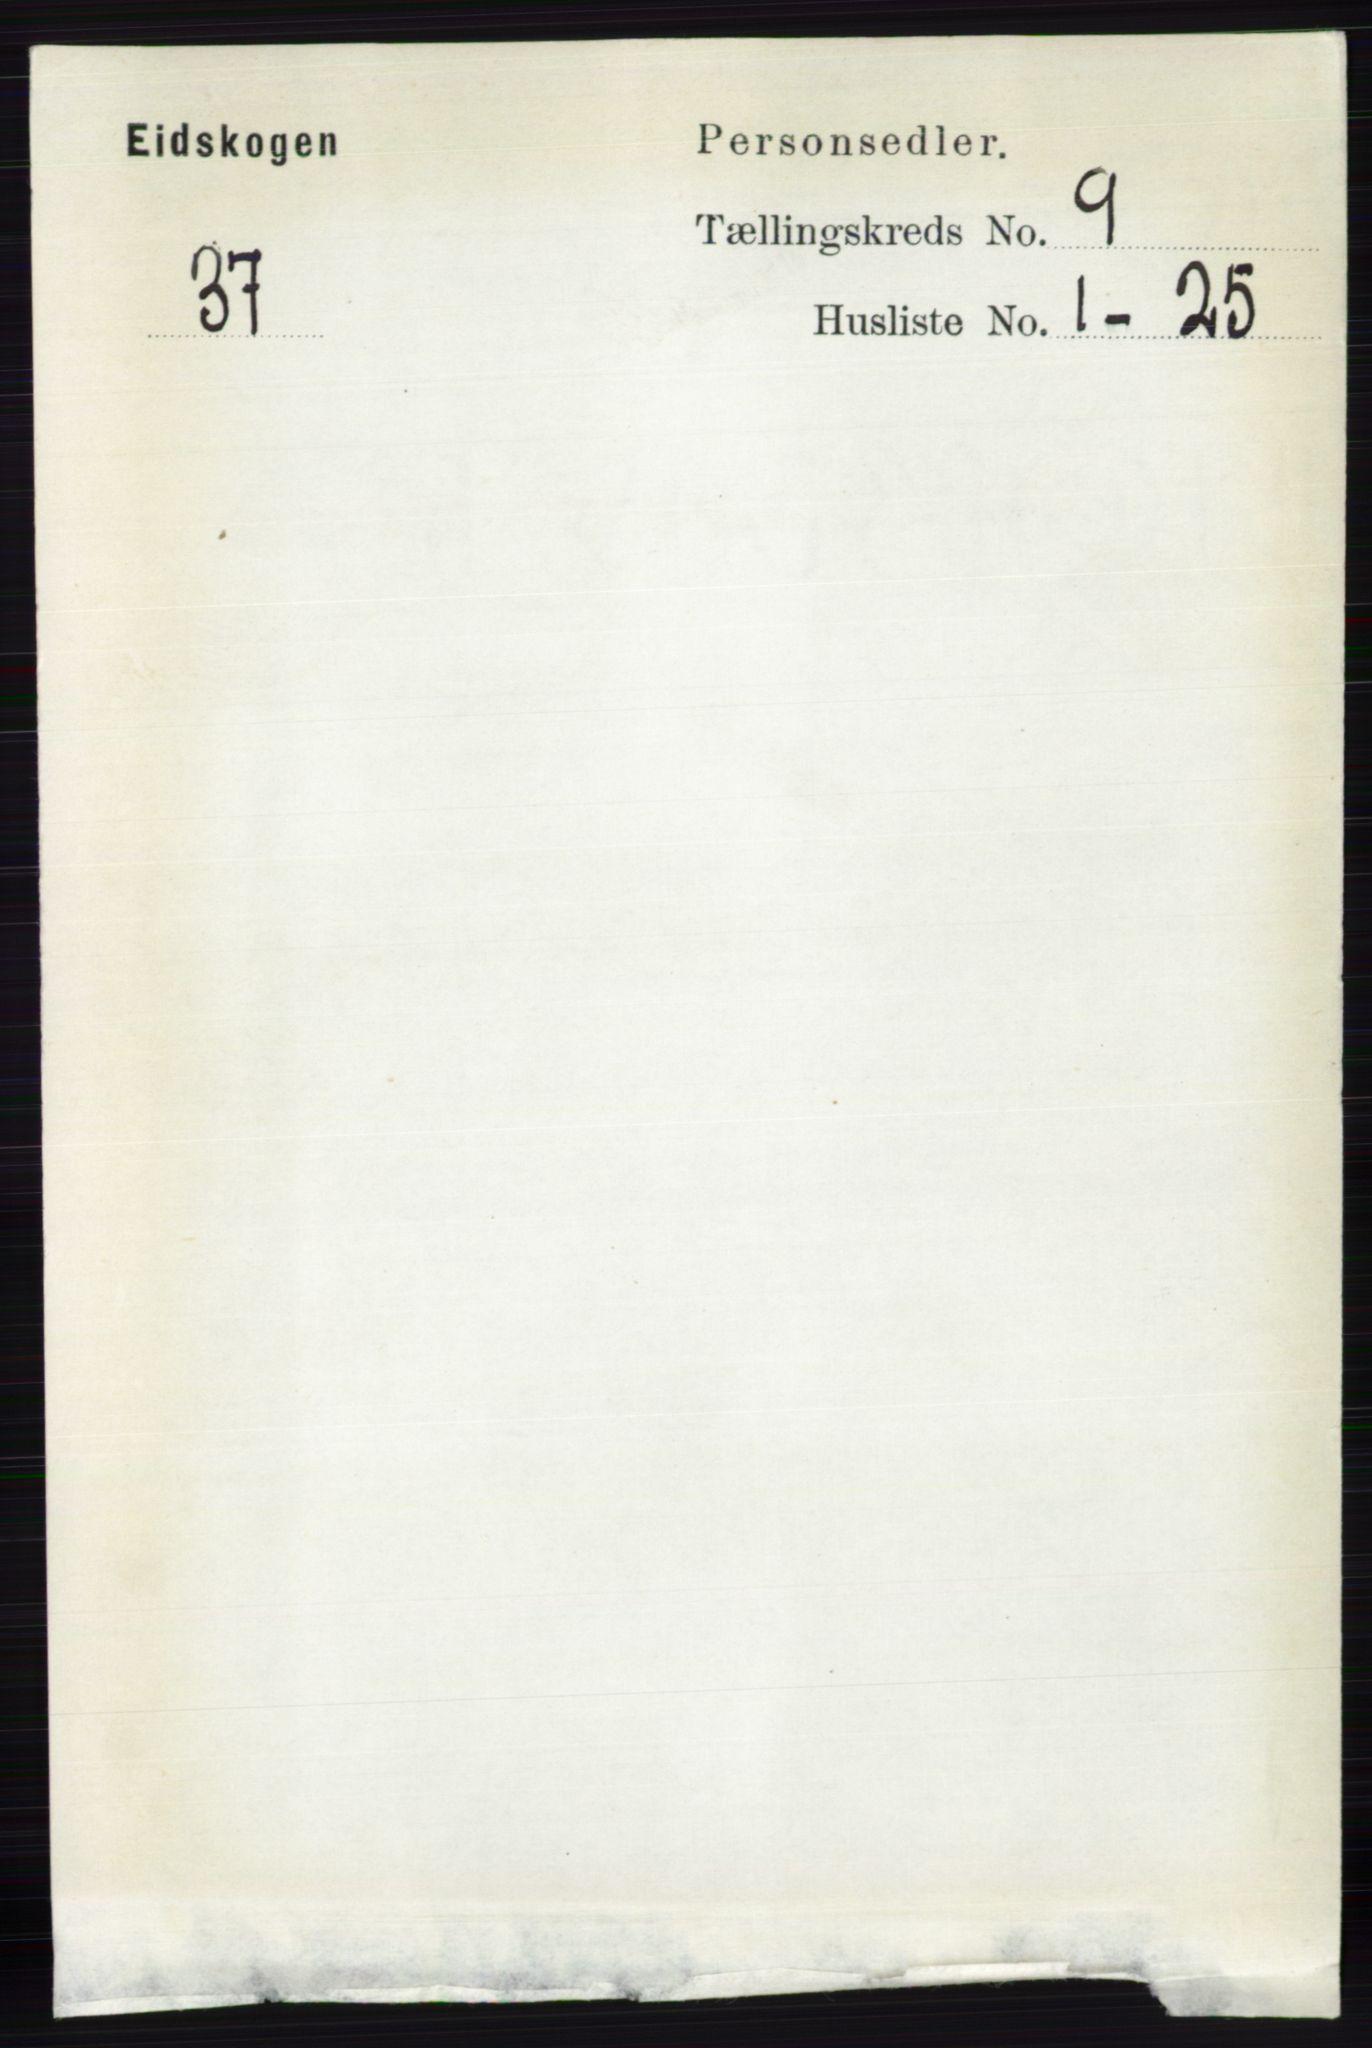 RA, Folketelling 1891 for 0420 Eidskog herred, 1891, s. 5378